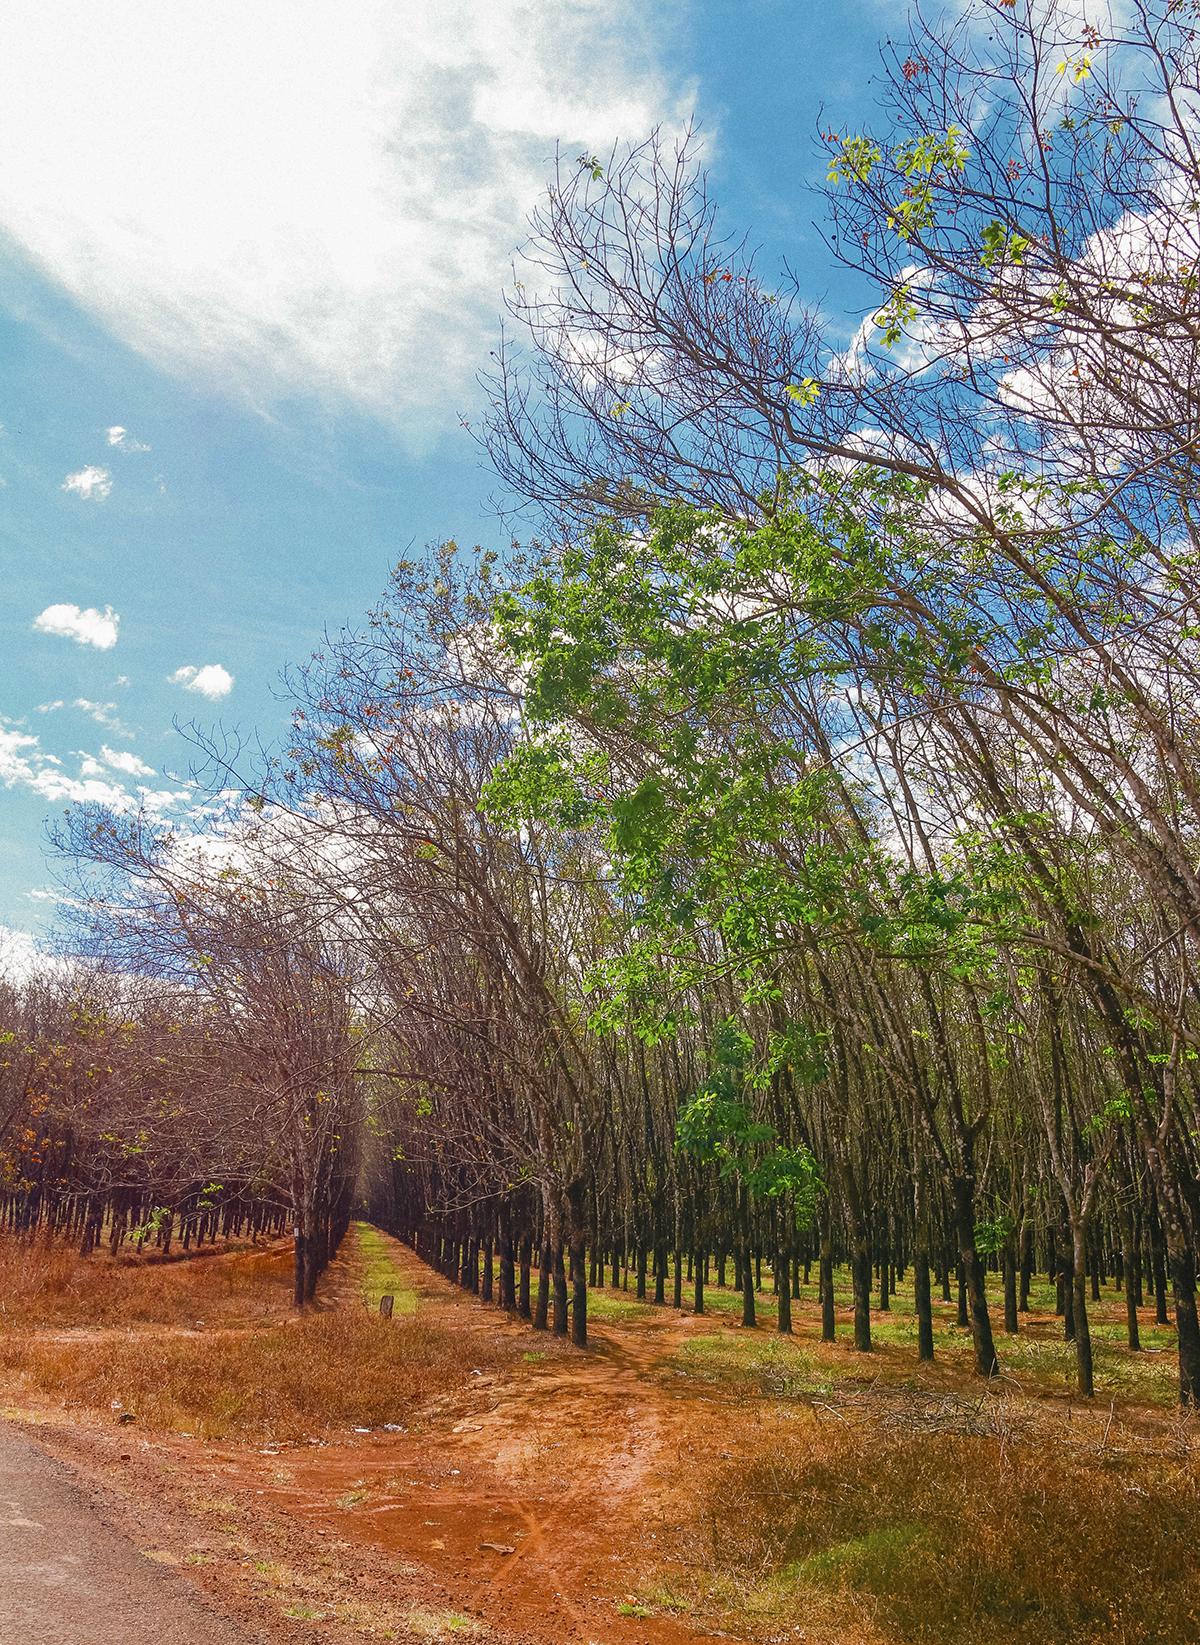 Cuối tháng 11, đầu tháng 12, vẫn còn lác đác những chiếc lá xanh mơn mởn nằm e âp kế bên những cành cây khô phủ đầy lá vàng, lá đỏ tạo nên sự đối lập đầy hài hòa đầy thú vị của thiên nhiên.